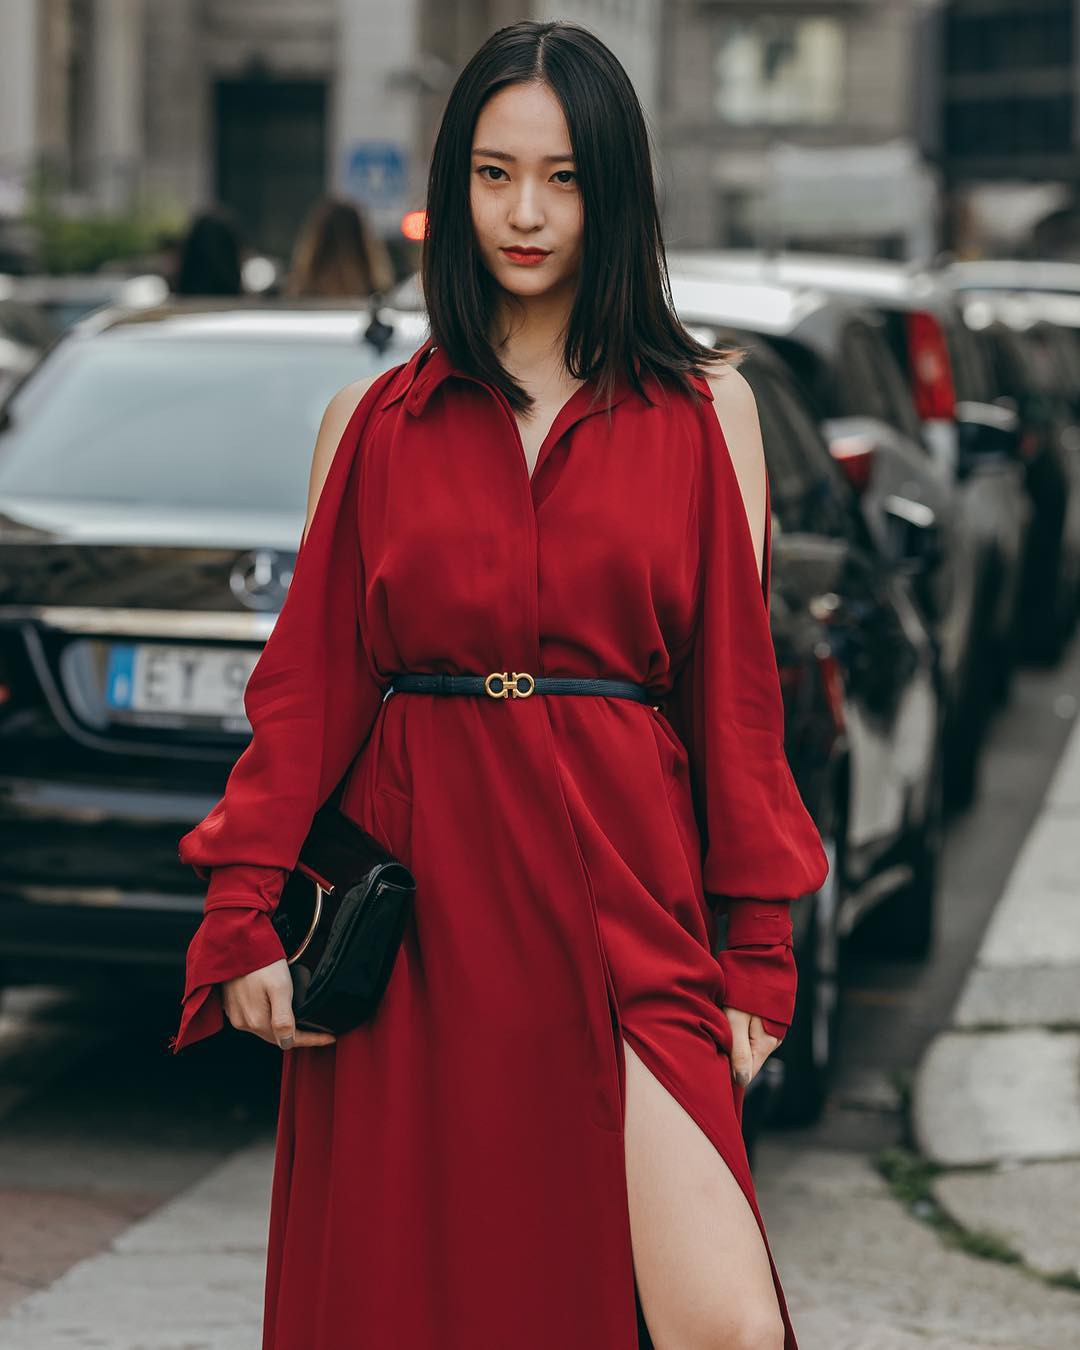 2 cô bạn gái của Kai (EXO) giống nhau khó tin: Nhan sắc, thần thái, thời điểm dính phốt thái độ, hẹn hò đều trùng hợp - Ảnh 16.